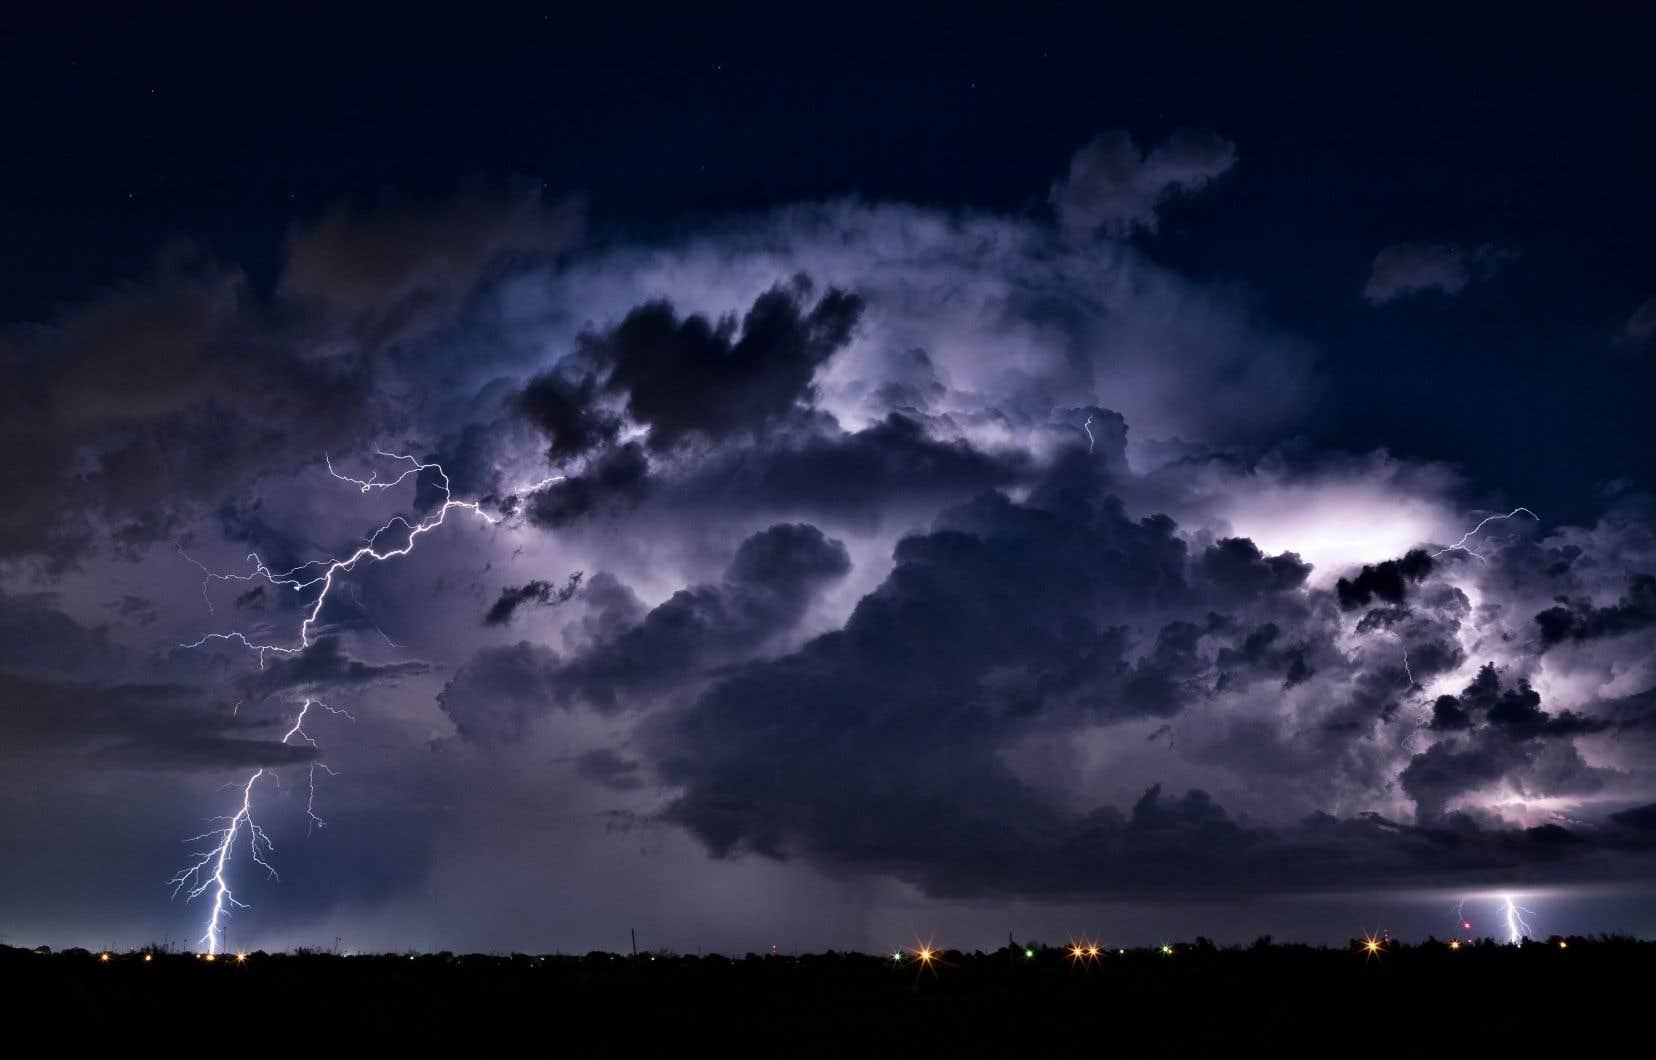 Les éclairs meurtriers sont assez fréquents en Inde pendant la mousson.